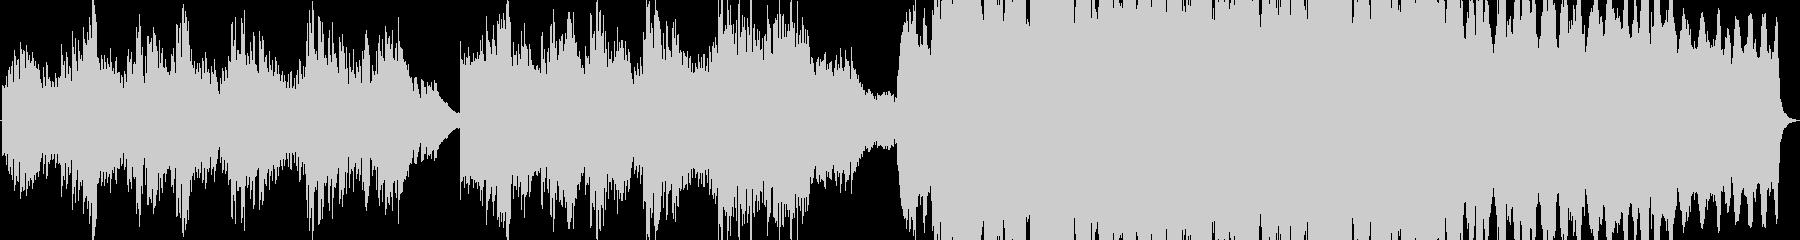 温かみのあるピアノバラード、ストリングスの未再生の波形